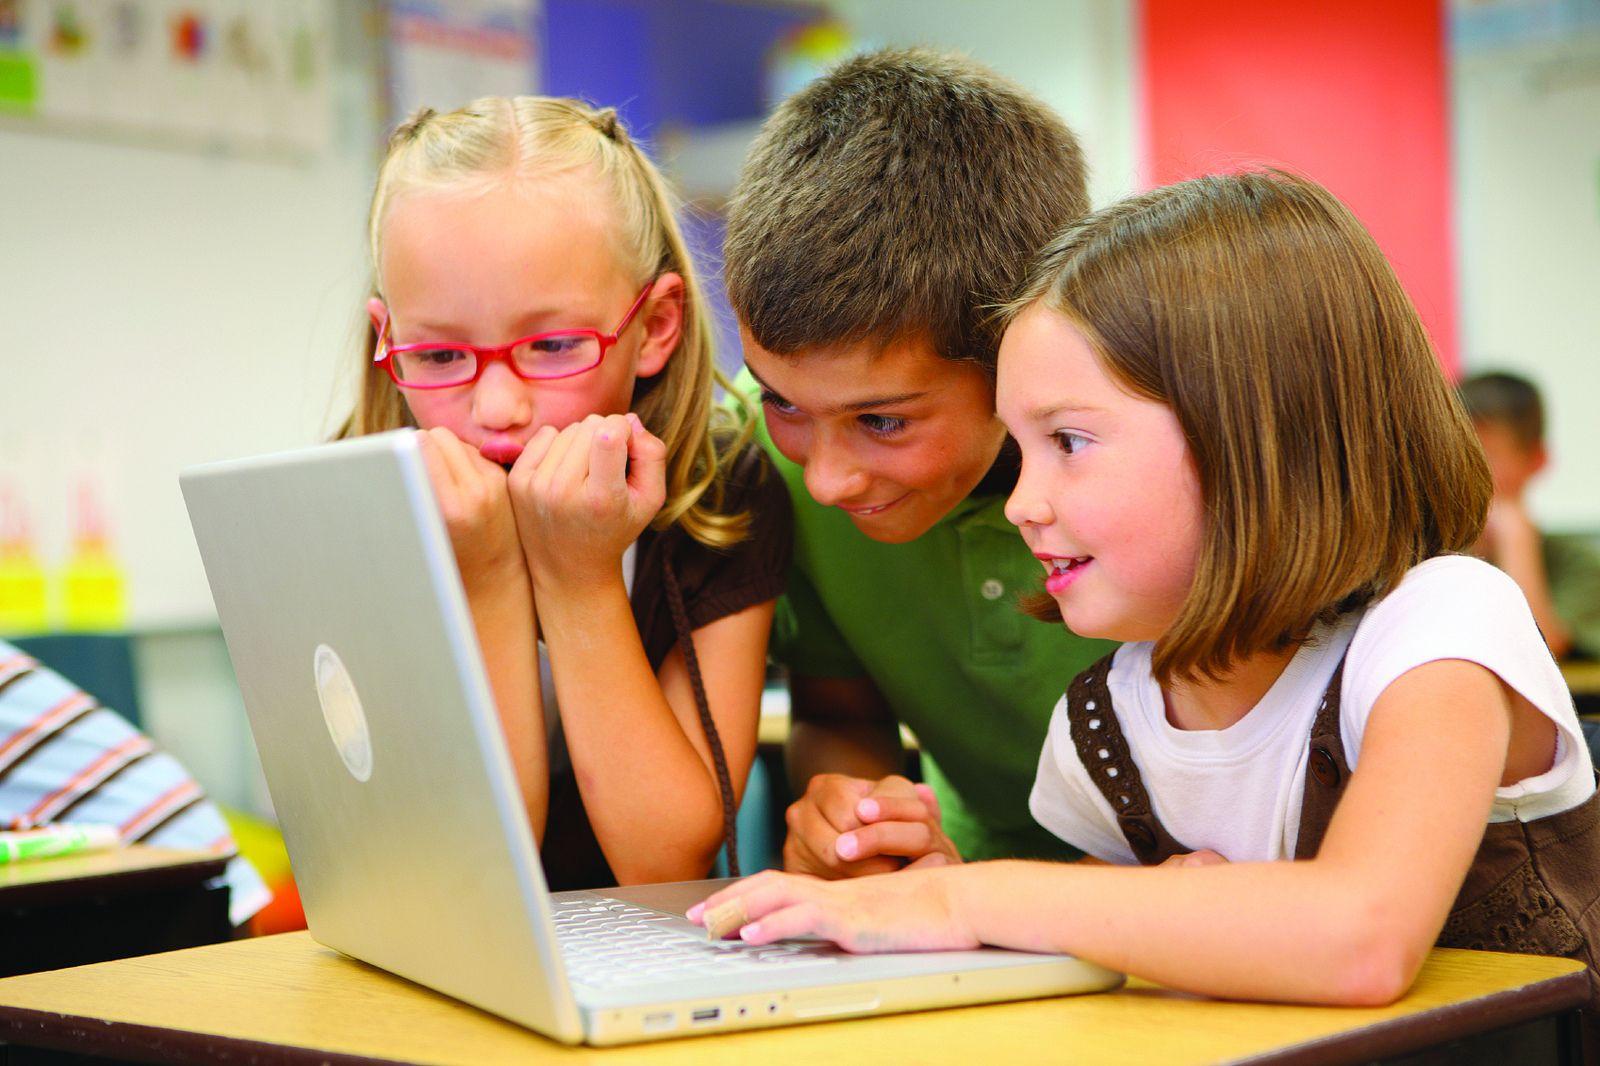 Ocjena najboljih dječjih internetskih trgovina u 2020